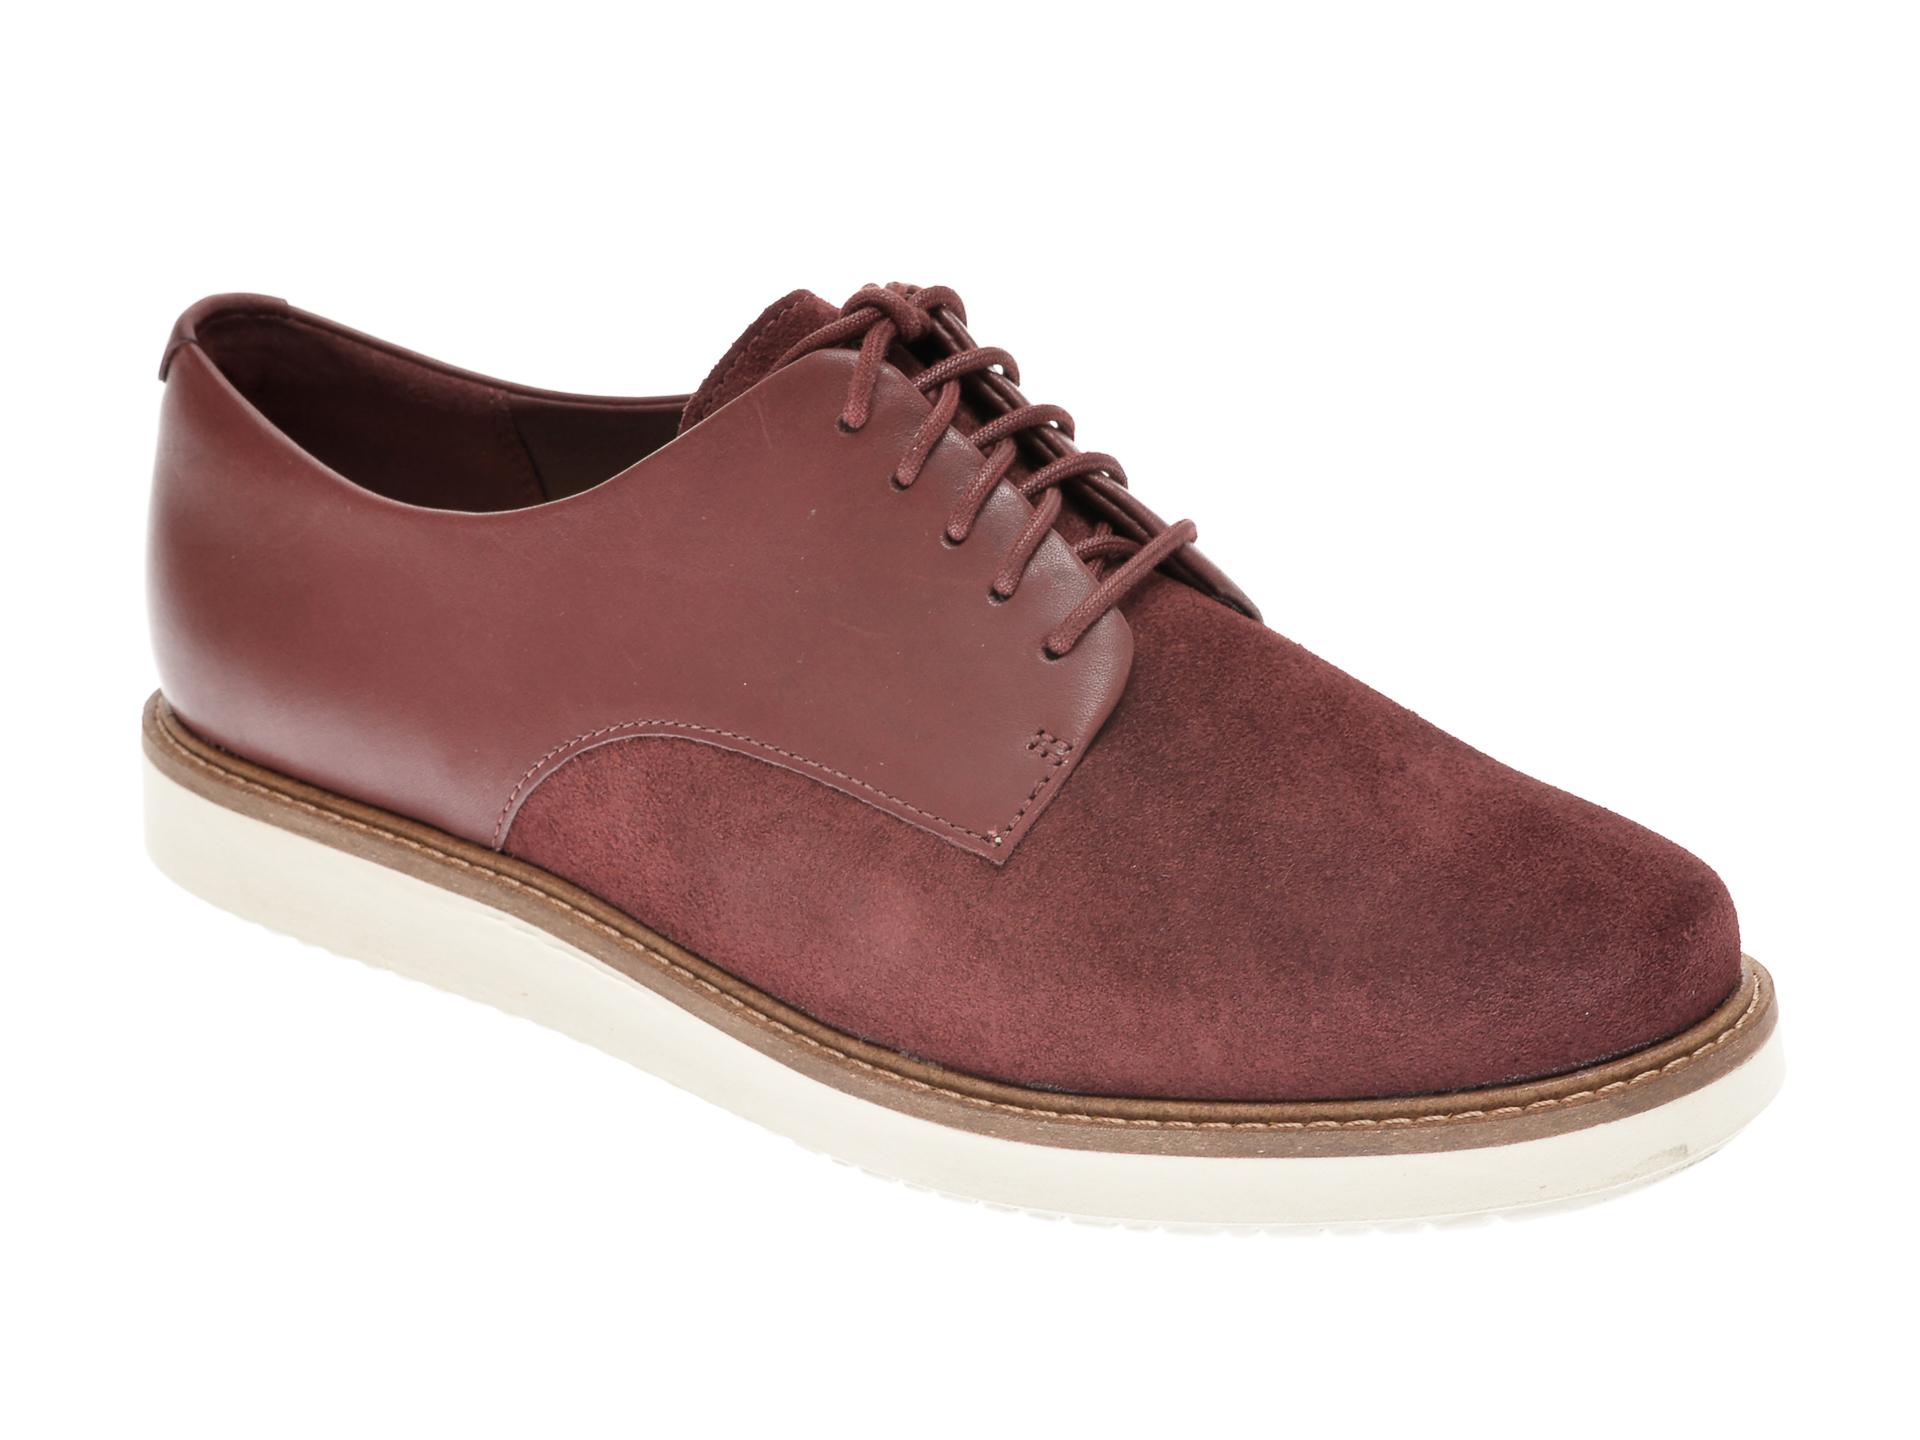 Pantofi CLARKS visinii, GLICK DARBY, din piele intoarsa imagine